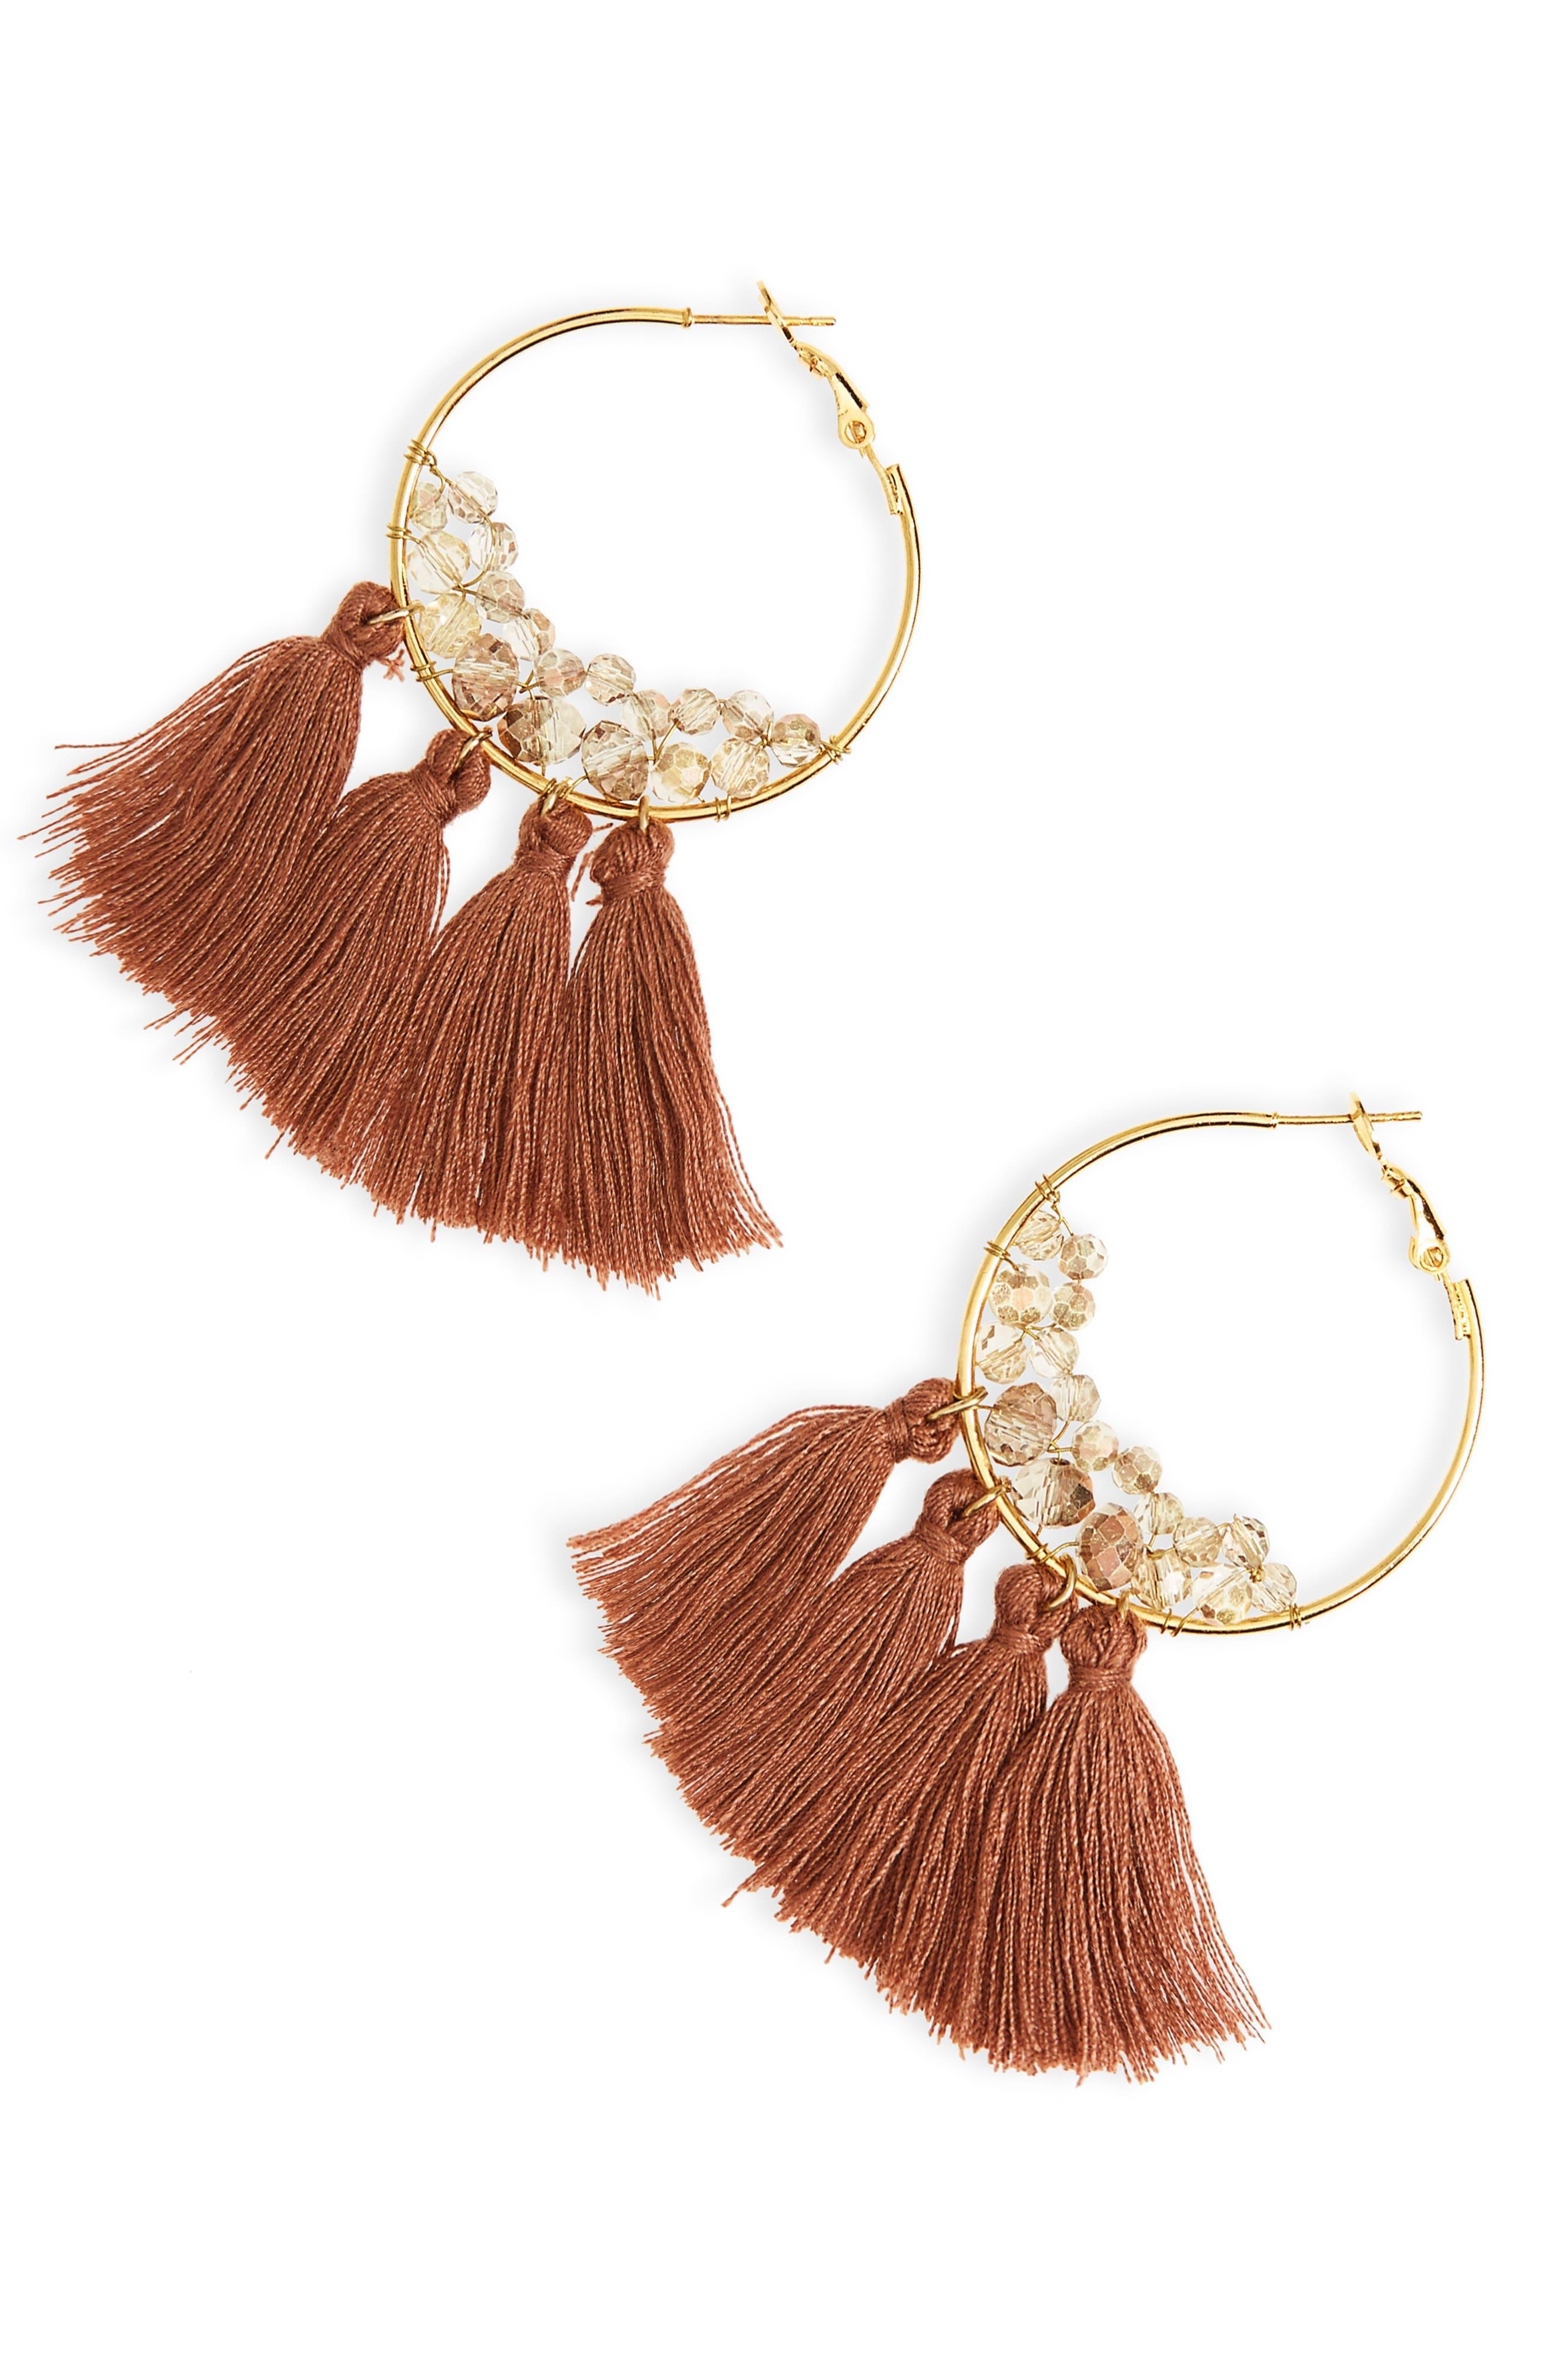 Alternate Image 1 Selected - Panacea Tassel Hoop Earrings